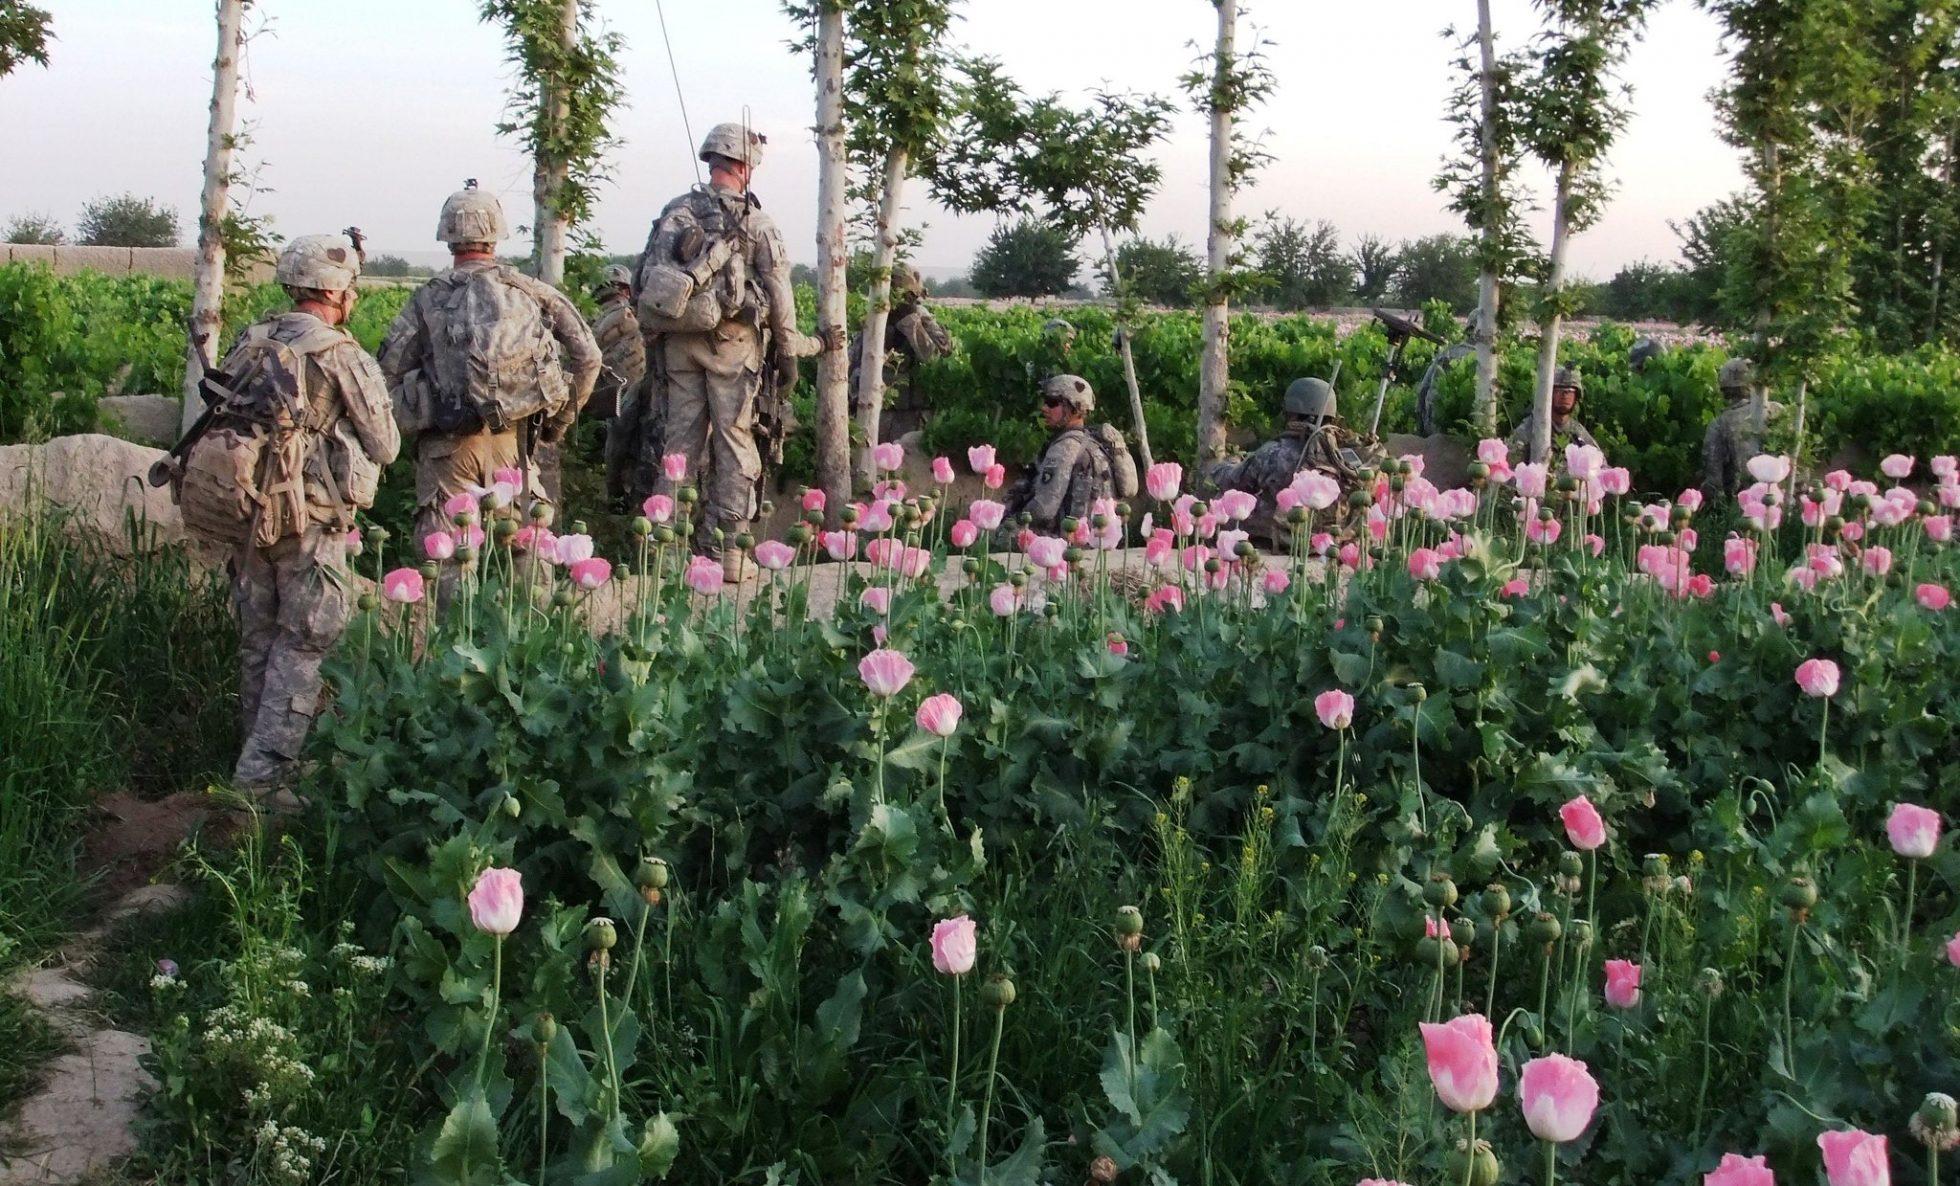 Obchod s drogami jako primární zdroj příjmů Tálibánu